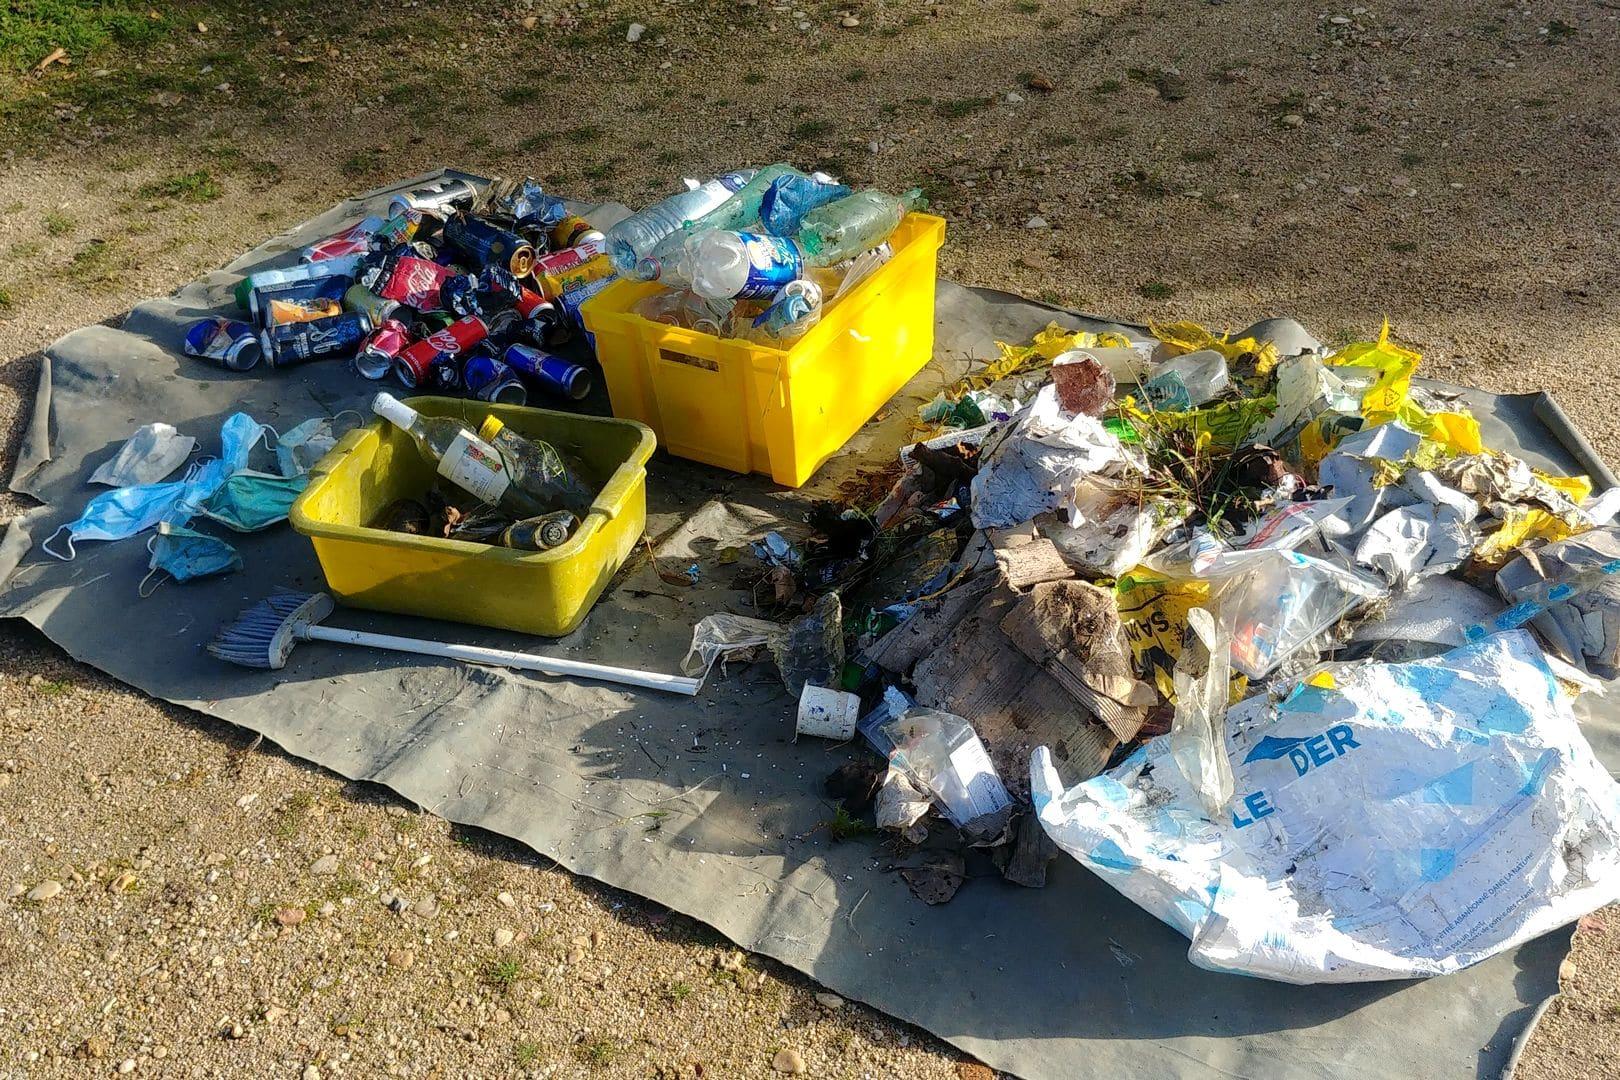 #défi1km0déchet - Ramassage de déchets